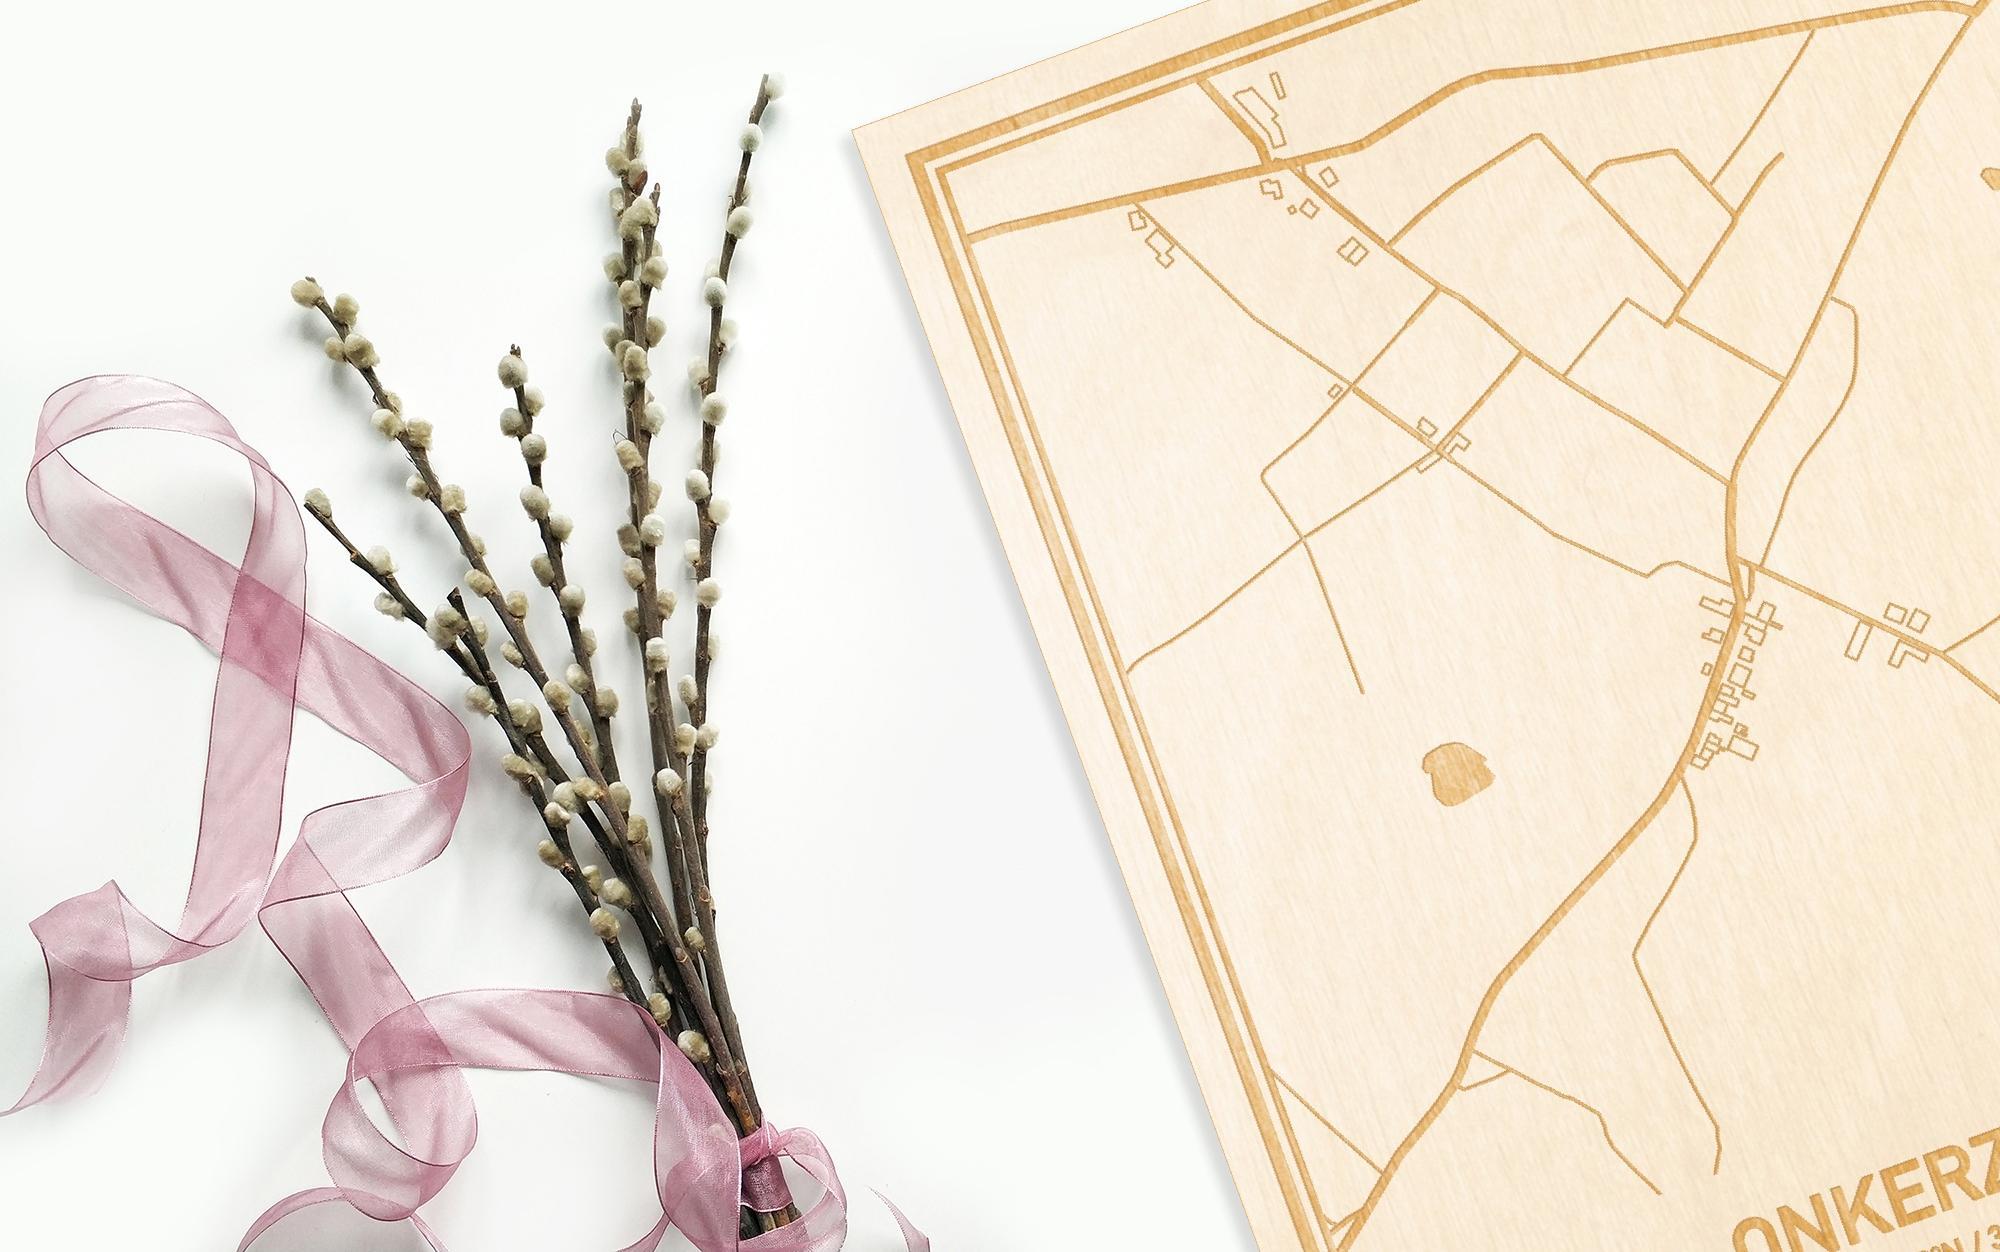 Hier ligt de houten plattegrond Onkerzele naast een bloemetje als gepersonaliseerd cadeau voor haar.